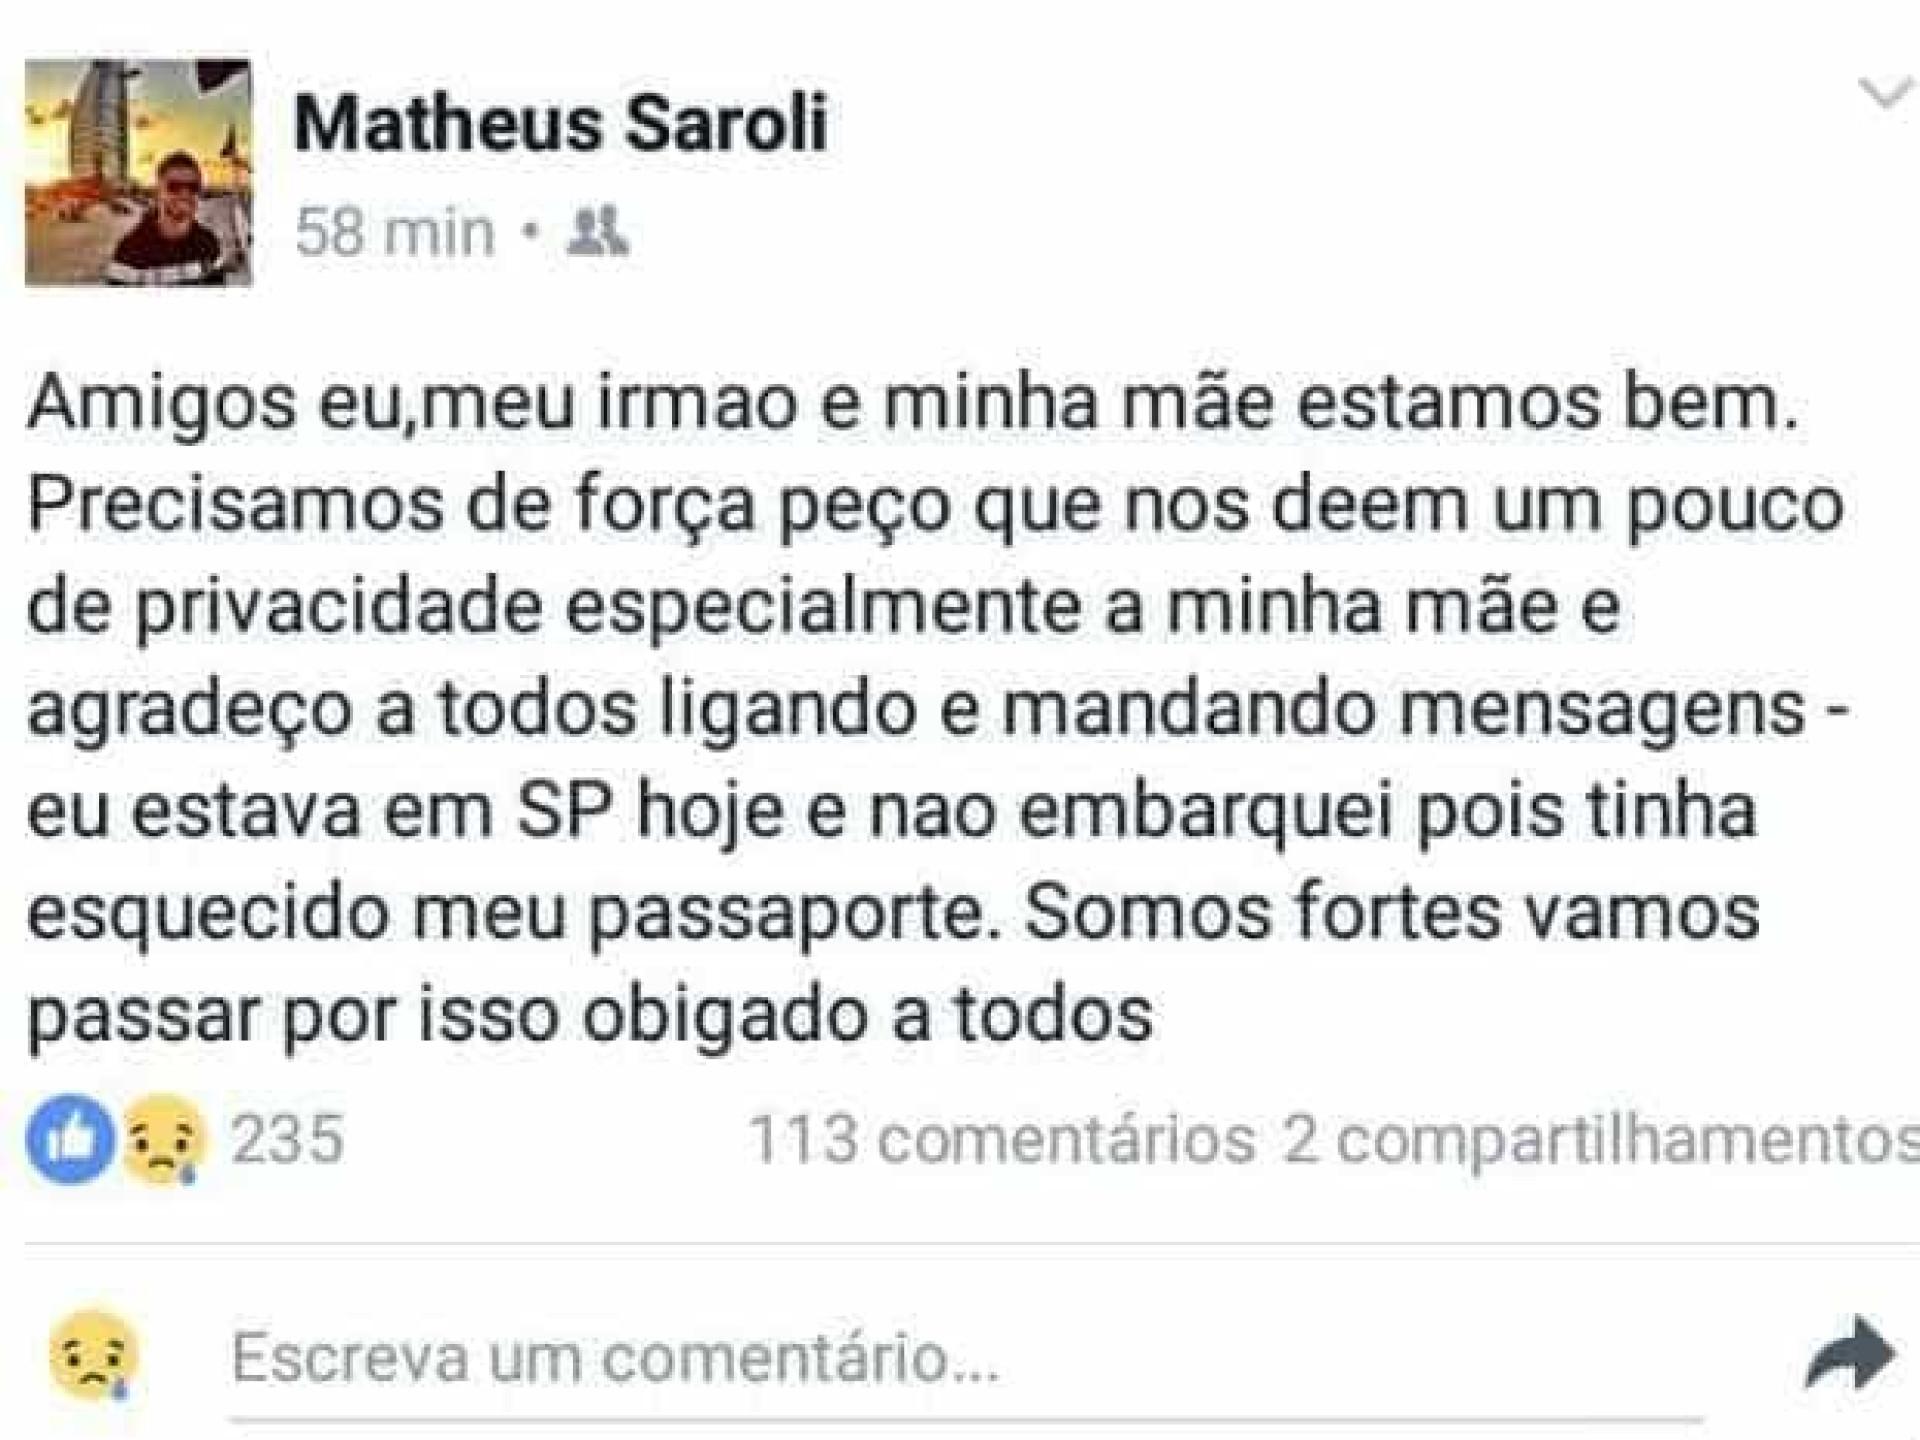 Filho de Caio Júnior não embarcou no avião porque não tinha passaporte